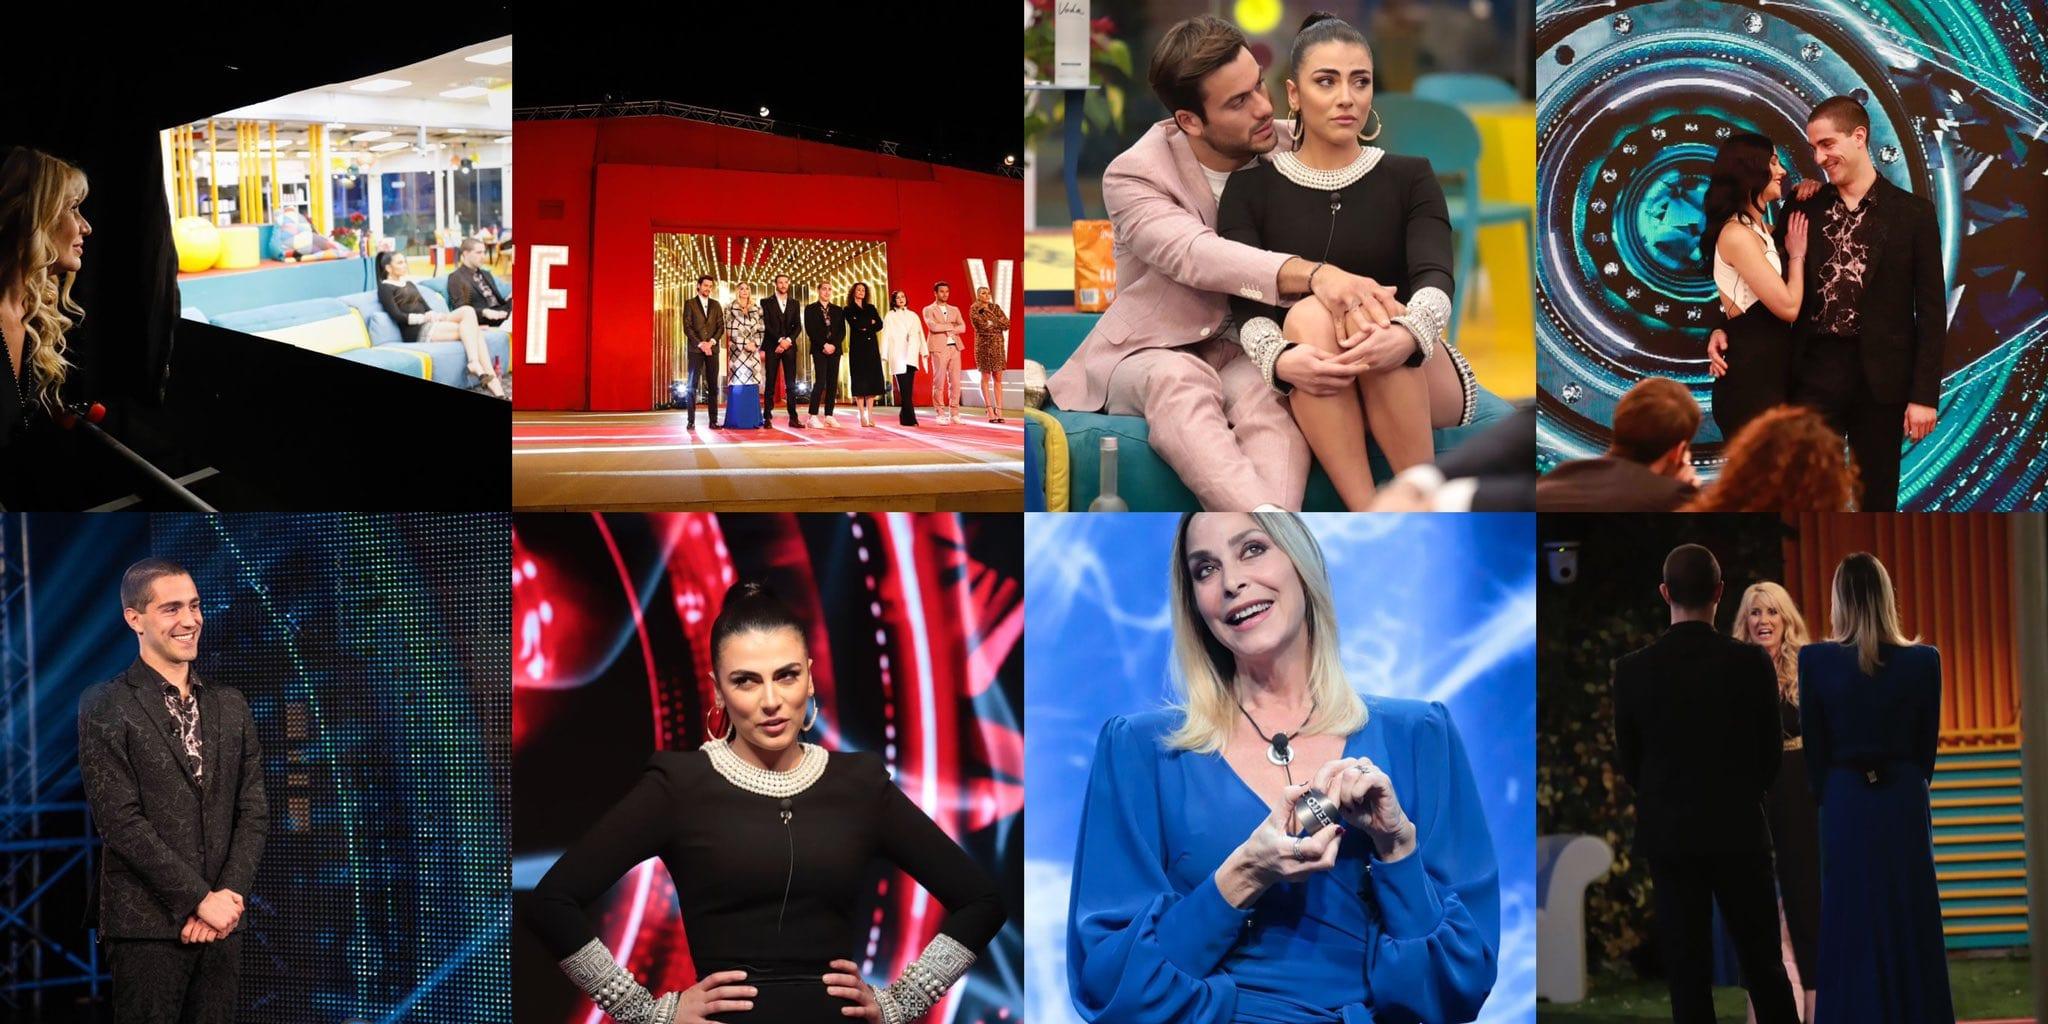 Live 19 febbraio 2021 · Grande Fratello Vip 5 quarantunesima puntata. Il GFVip è condotto da Alfonso Signorini, in prima serata su Canale5